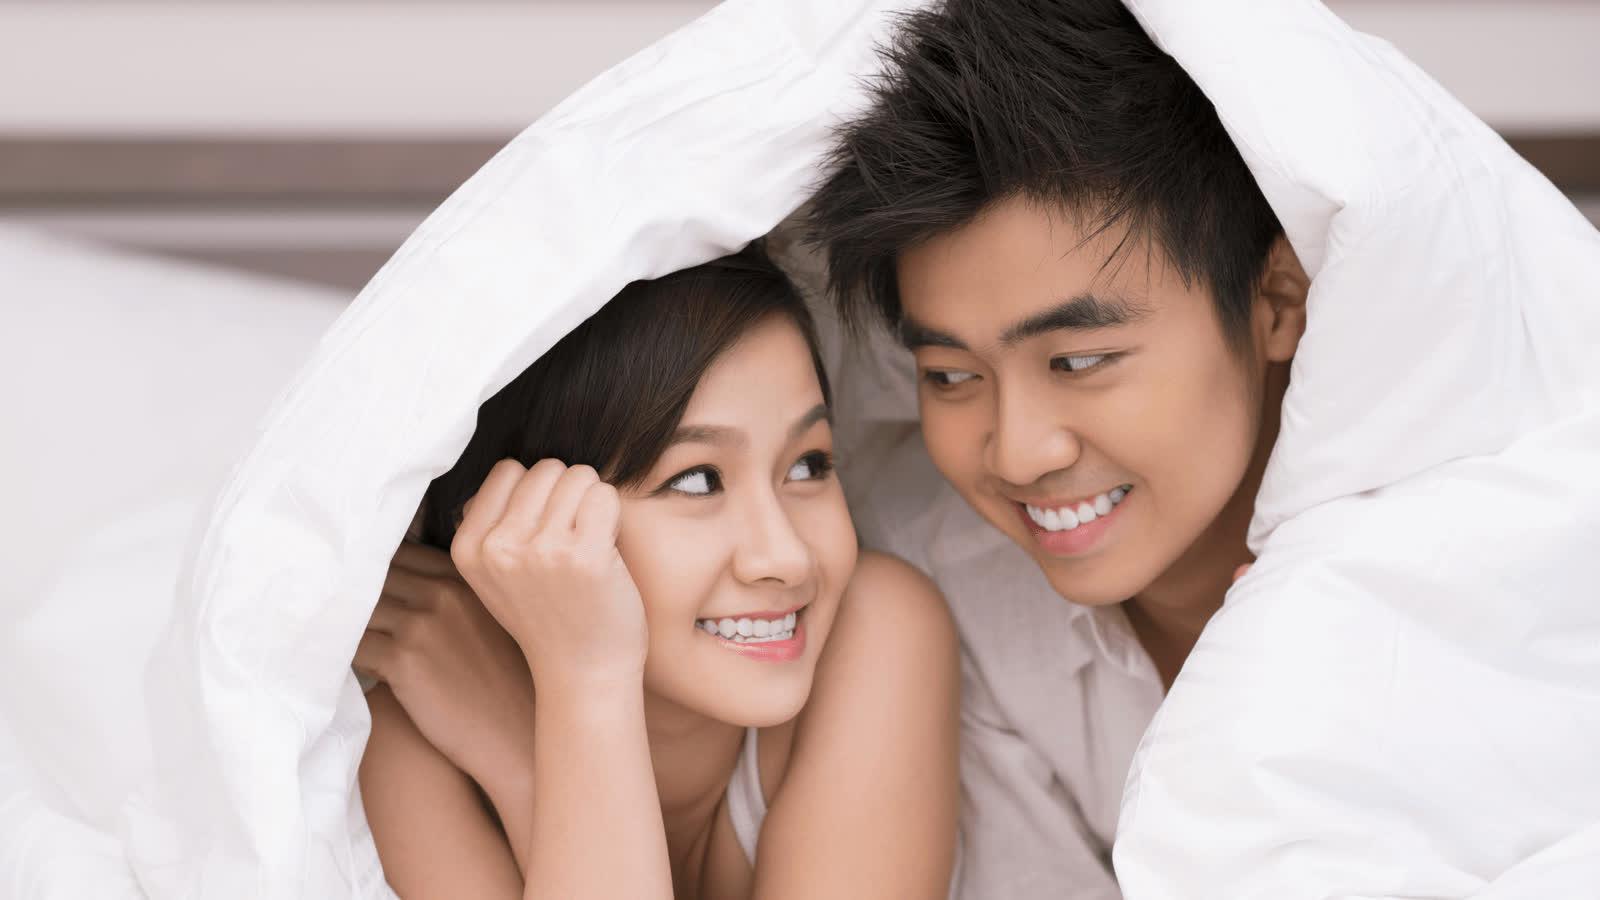 8 dấu hiệu cho thấy bạn đang có một tình yêu đích thực, cần trân trọng, giữ gìn - Ảnh 4